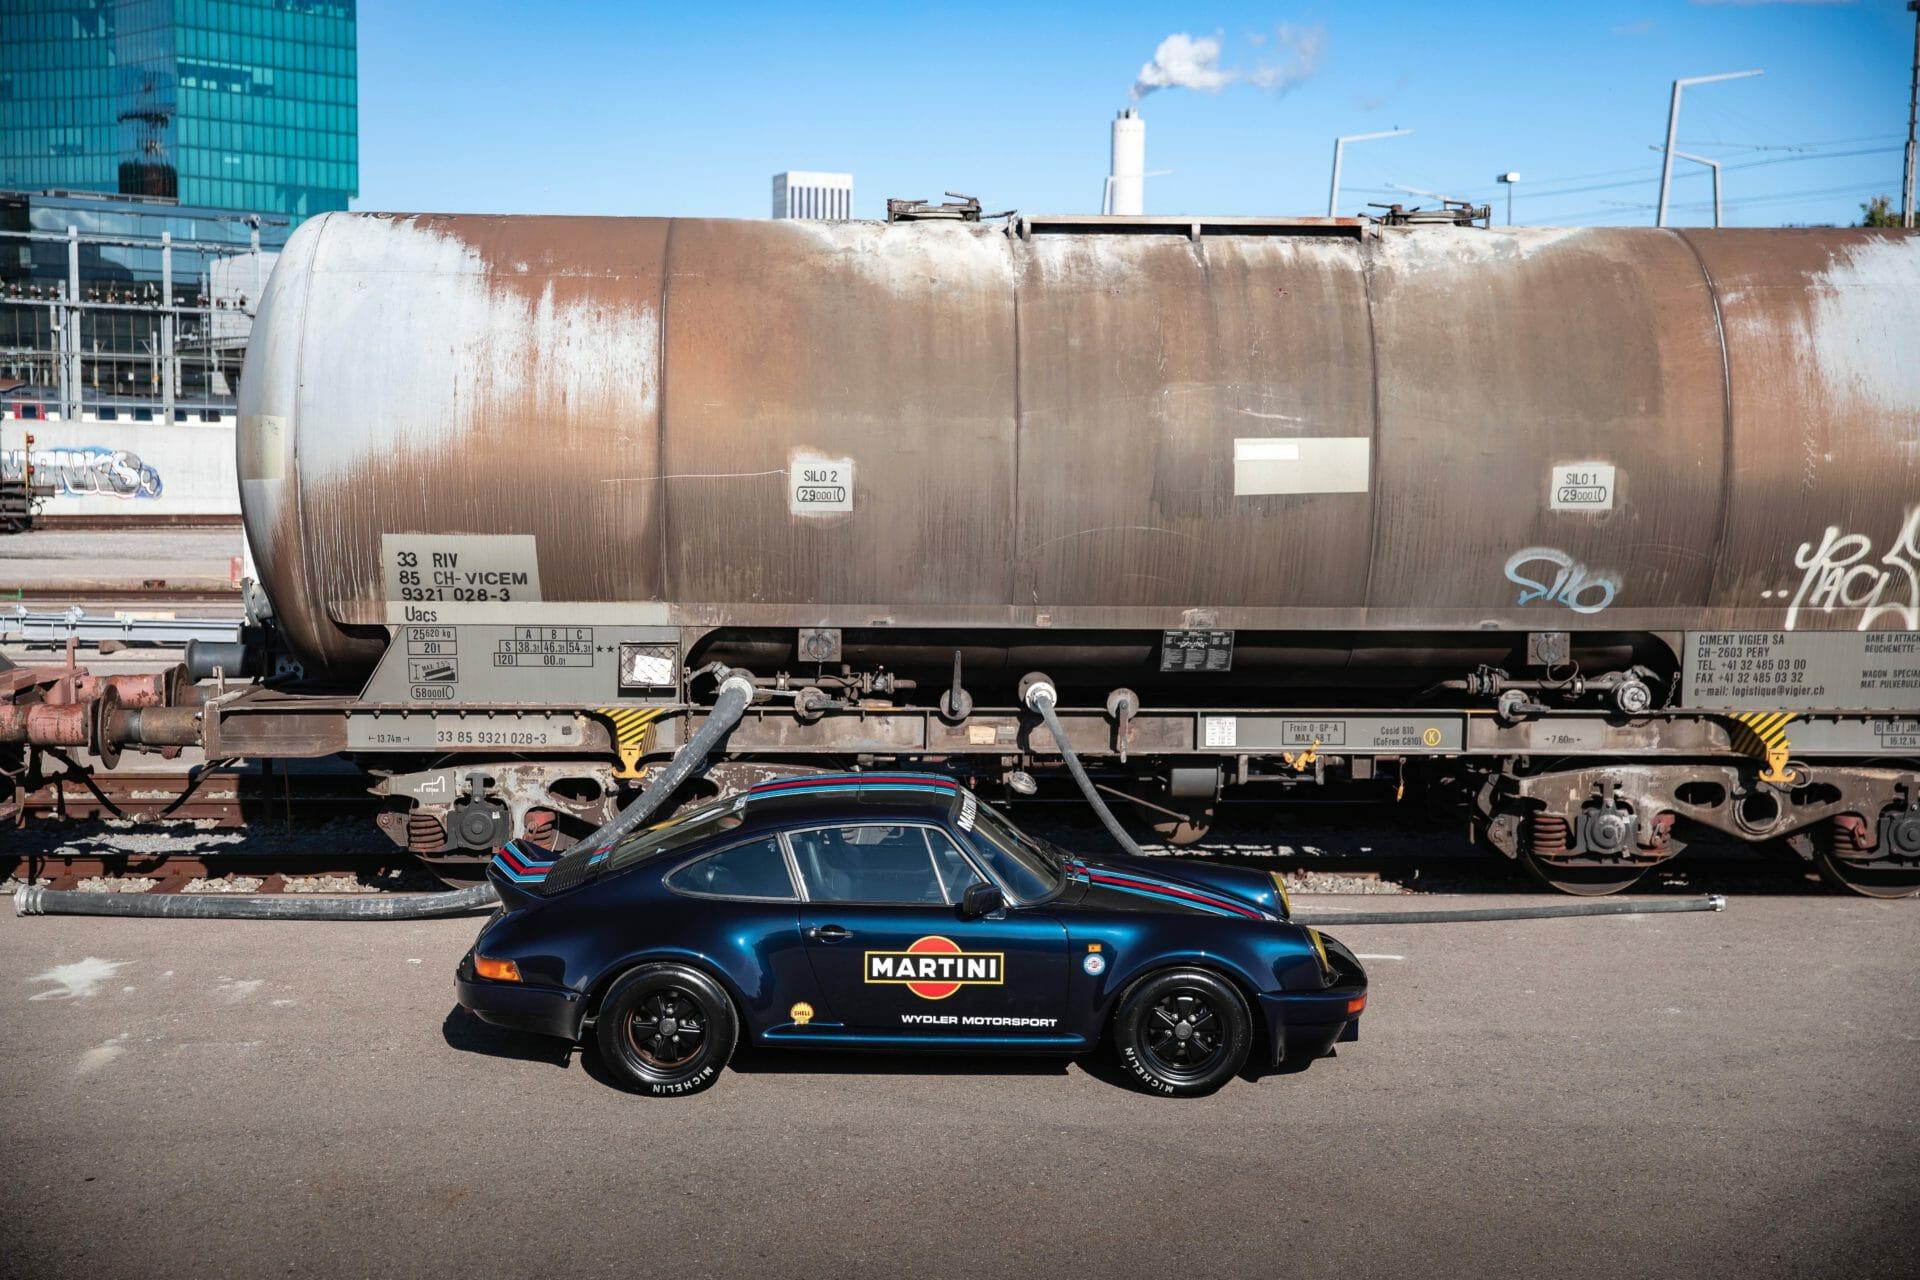 Porsche 911 Martini81 - Picture 2